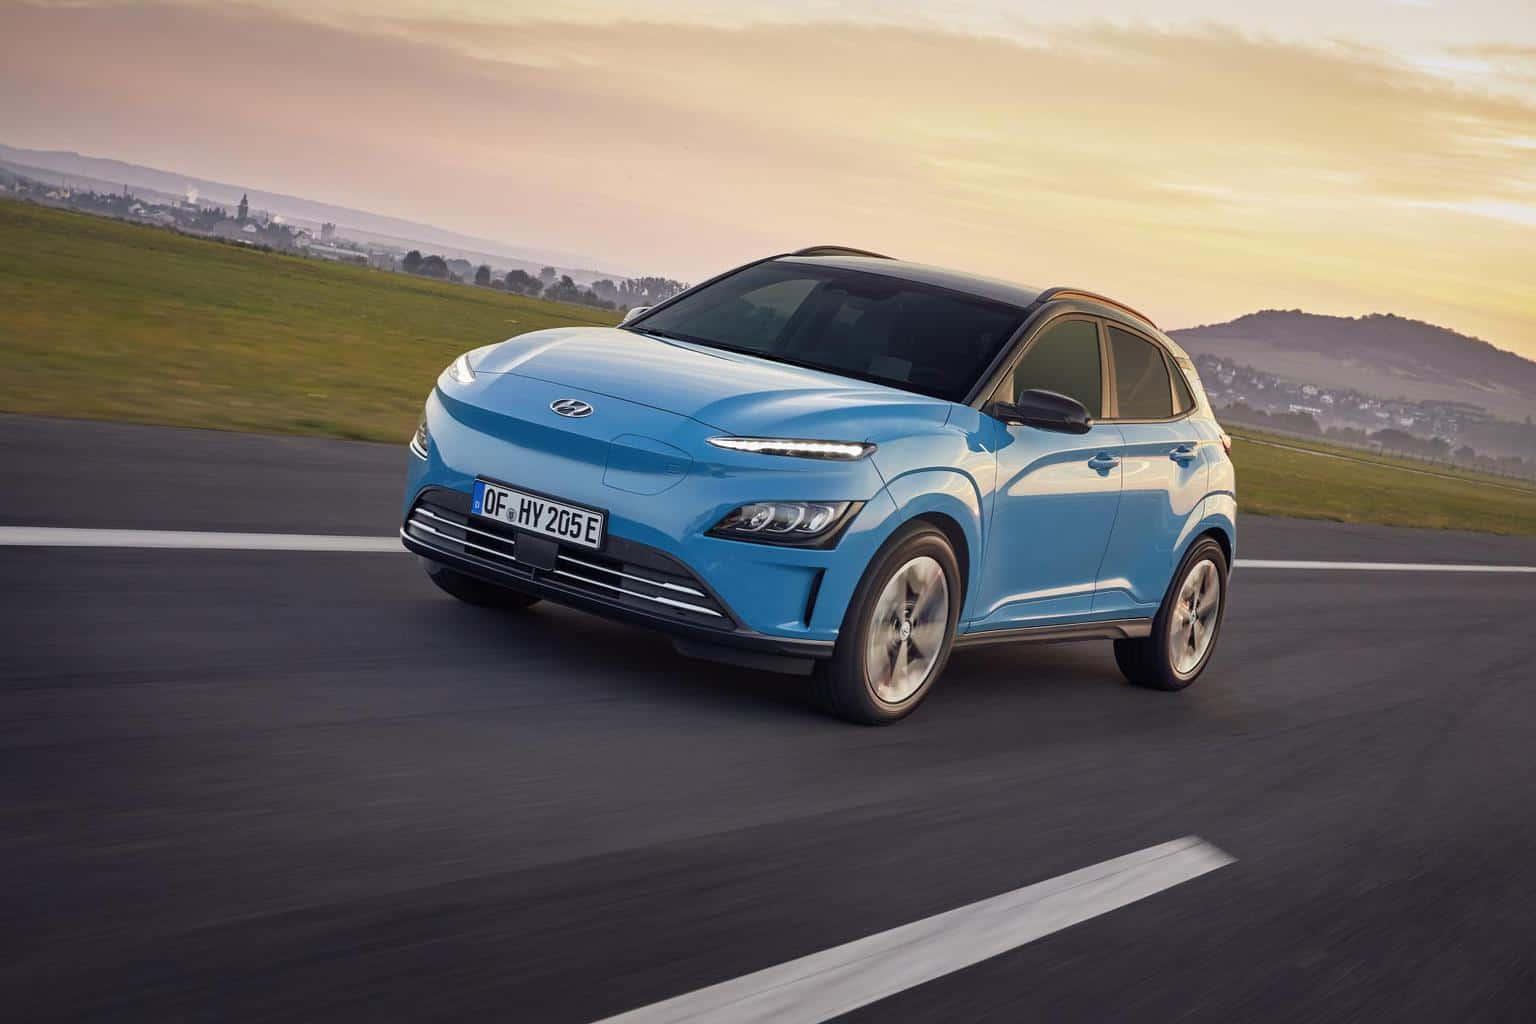 Hyundai stellt neuen Kona Elektro vor - Design steht im Mittelpunkt